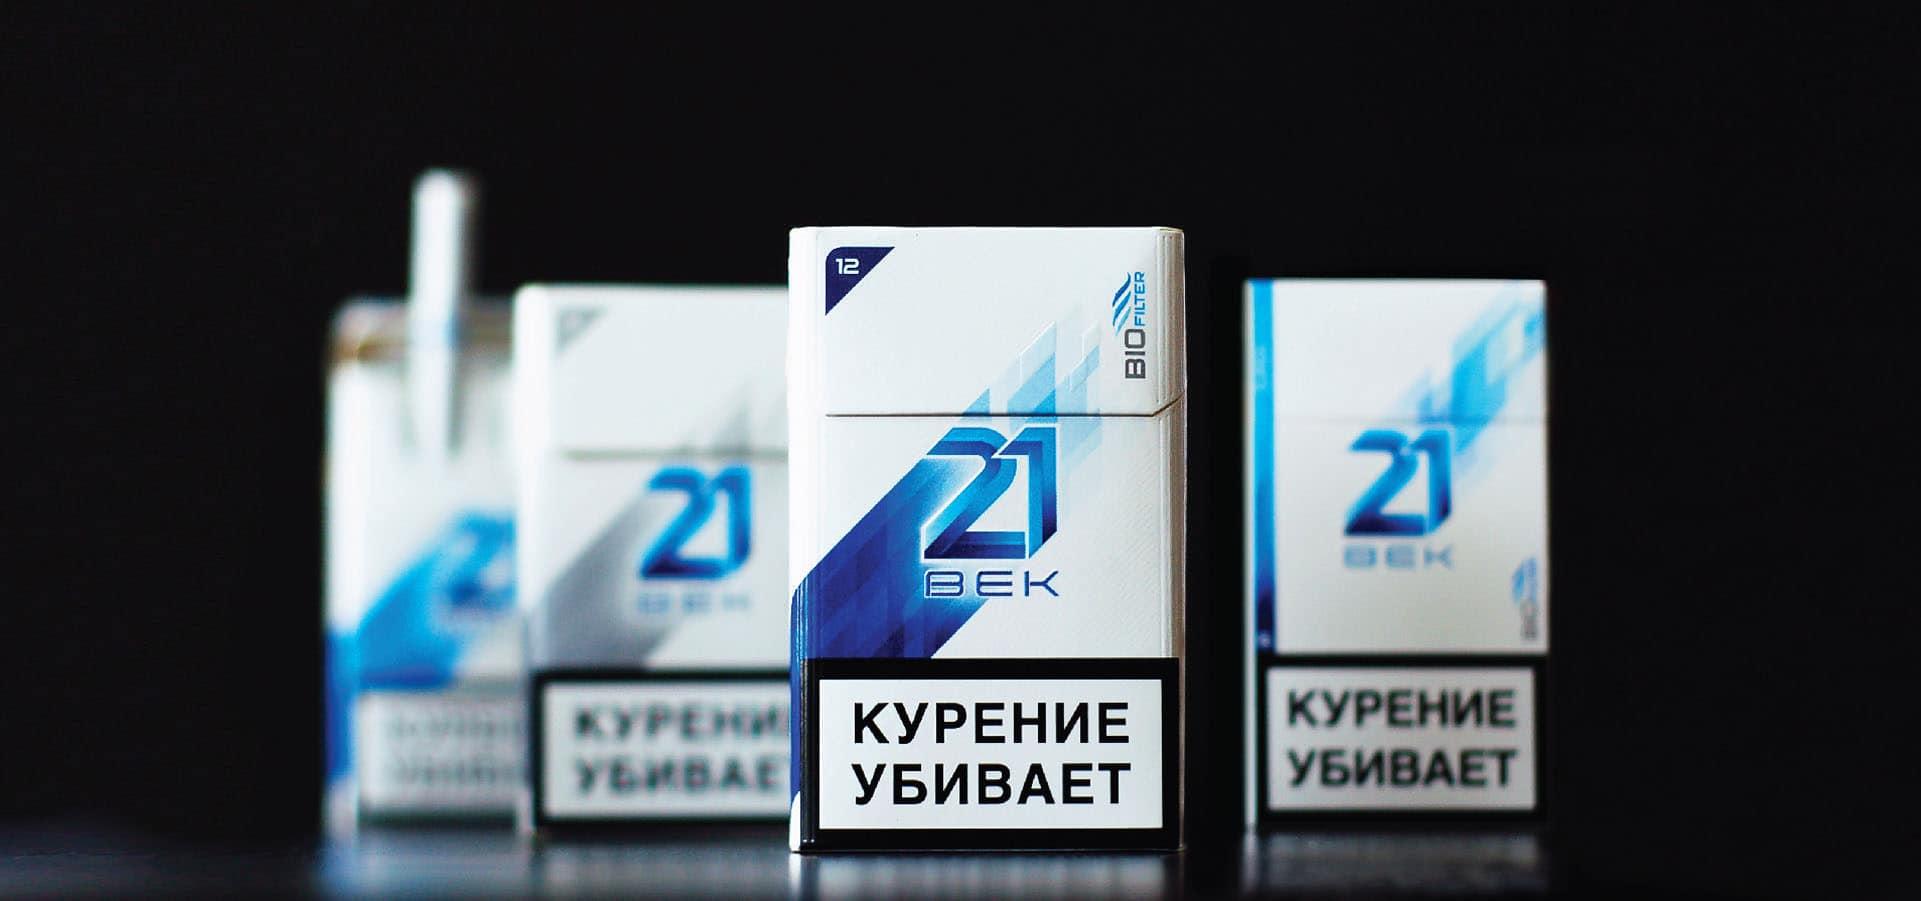 сигареты 21 век купить в москве